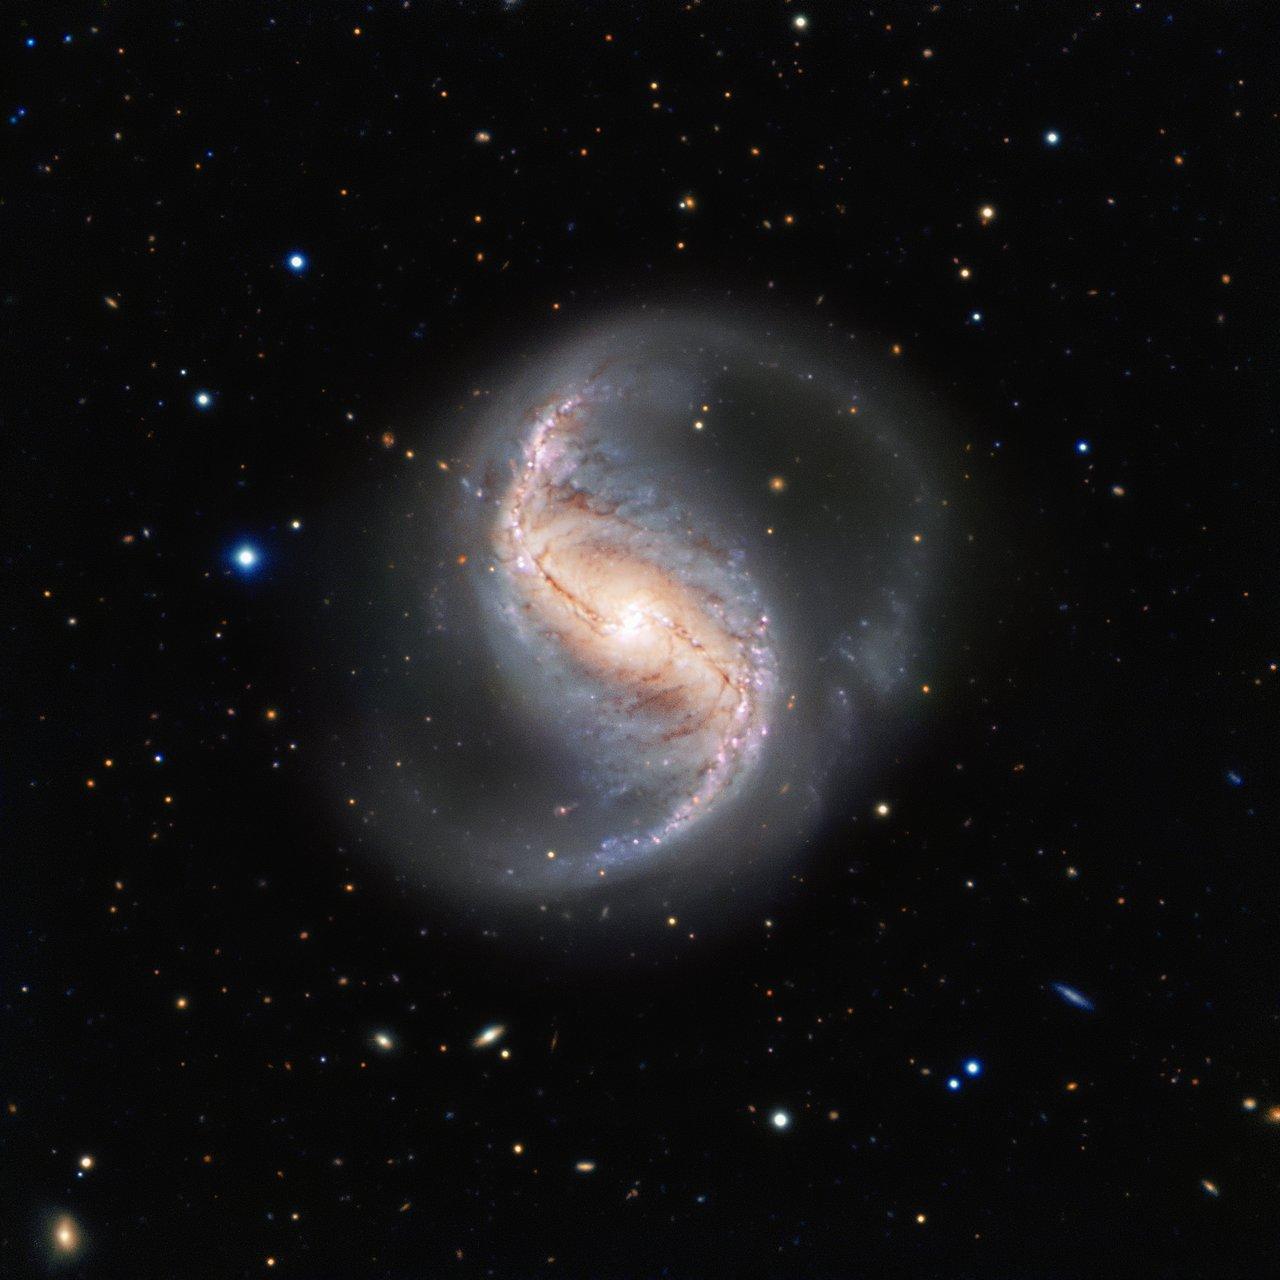 Esta imagen de la semana muestra la galaxia espiral NGC 986 en la constelación de Fornax (el horno). La galaxia, que fue descubierta en 1826 por el astrónomo escocés James Dunlop, no suele ser fotografiada debido a que está muy cerca del famoso y rico cúmulo de galaxias de Fornax. Lo cual es una lástima, ya que esta galaxia no solo es un gran objeto de estudio científico, sino que también es muy hermosa.